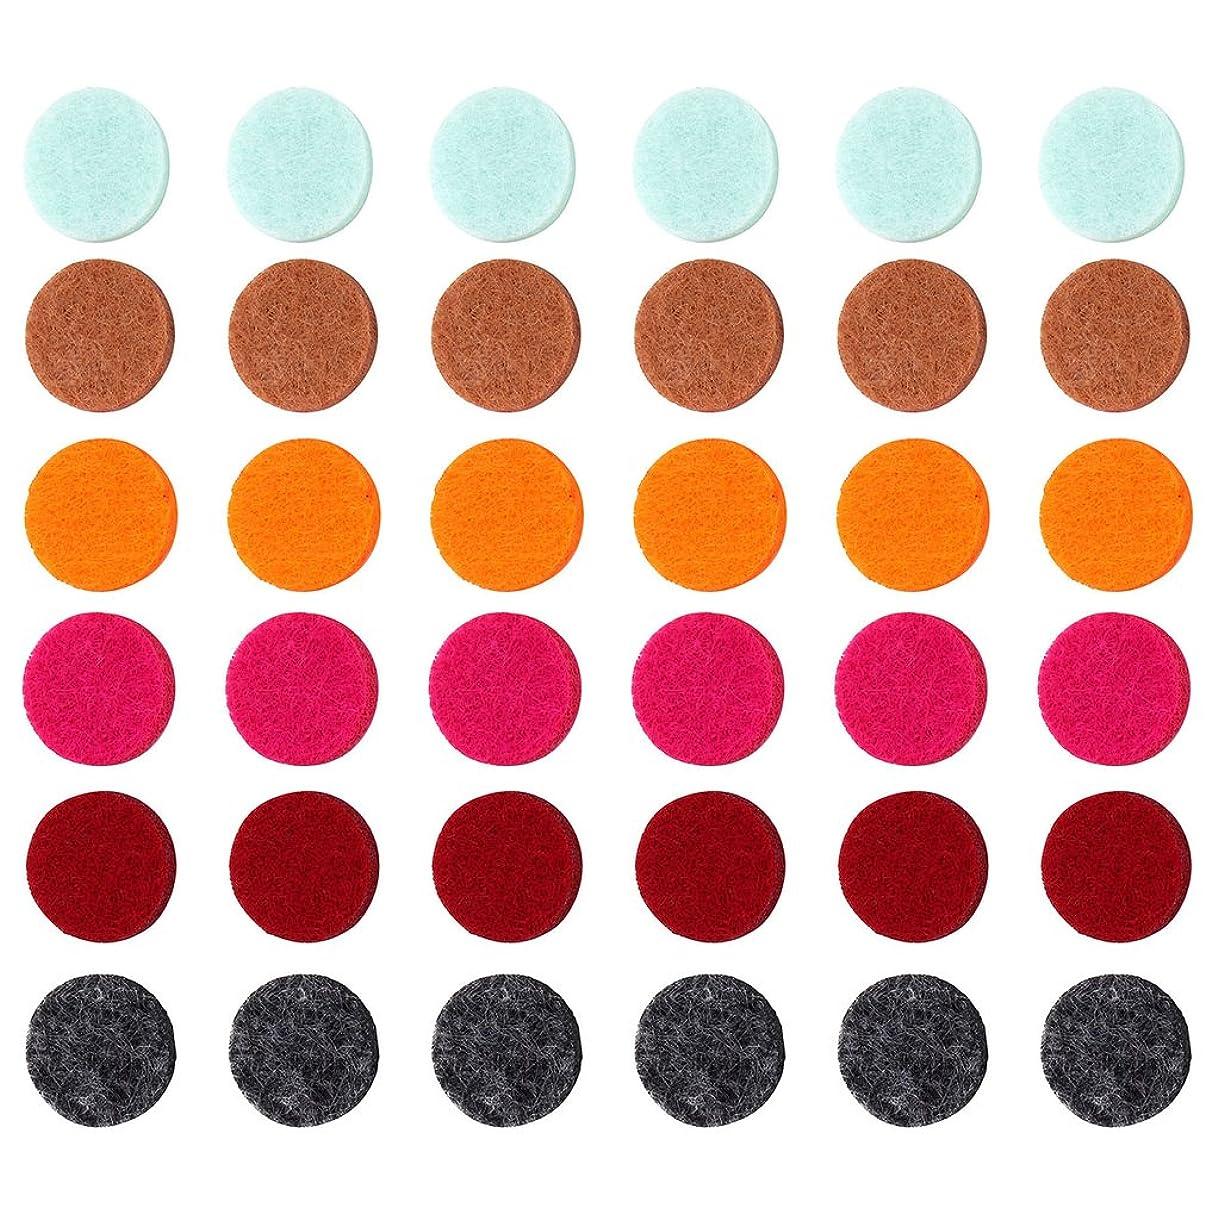 アルカイック衰えるマークされたZYsta 36個Refill Pads for Aromatherapy Essential Oil Diffuserロケットネックレス、交換用パッド: Thickened/洗濯可能/高吸水性のアロマディフューザーペンダント